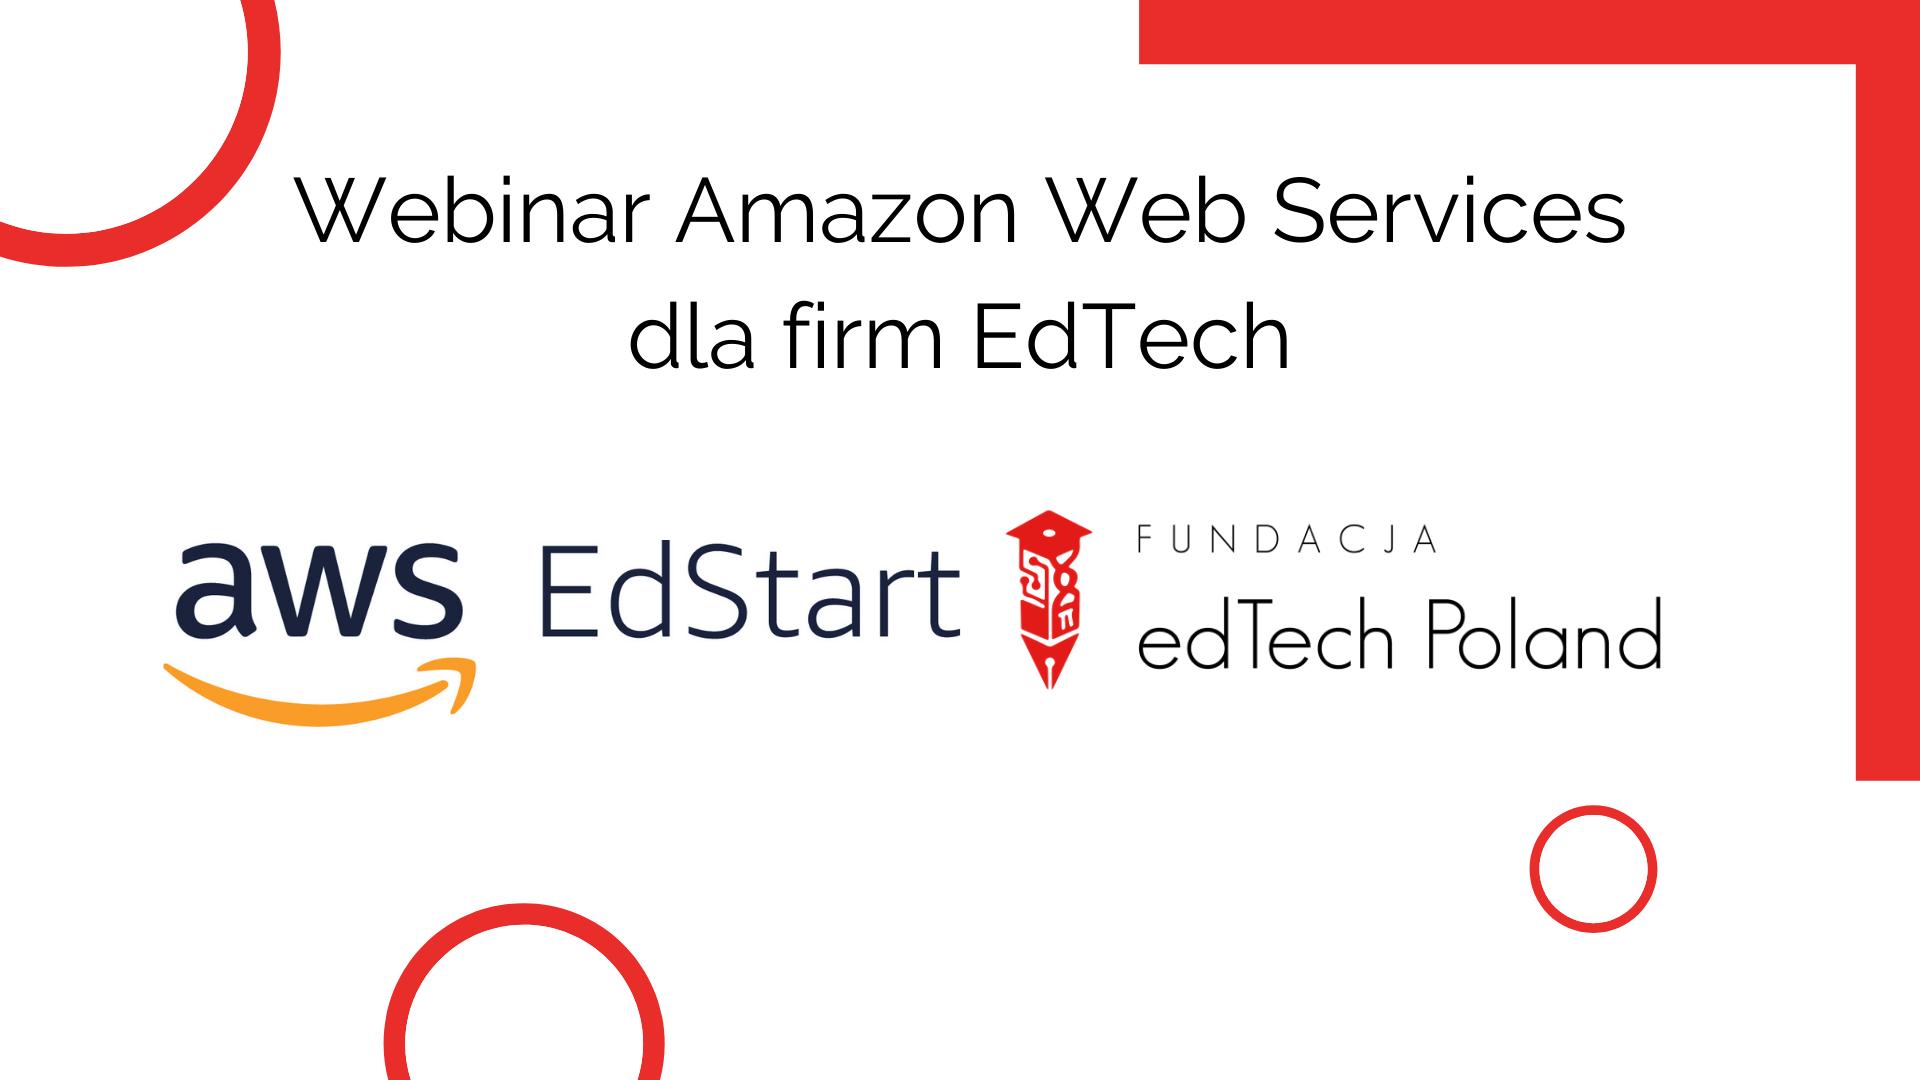 Webinar Amazon Web Services dla firm EdTech - możliwości i korzyści ze współpracy. Poprowadzi: Juan Luis Vilchez - EdTech head dla EMEA